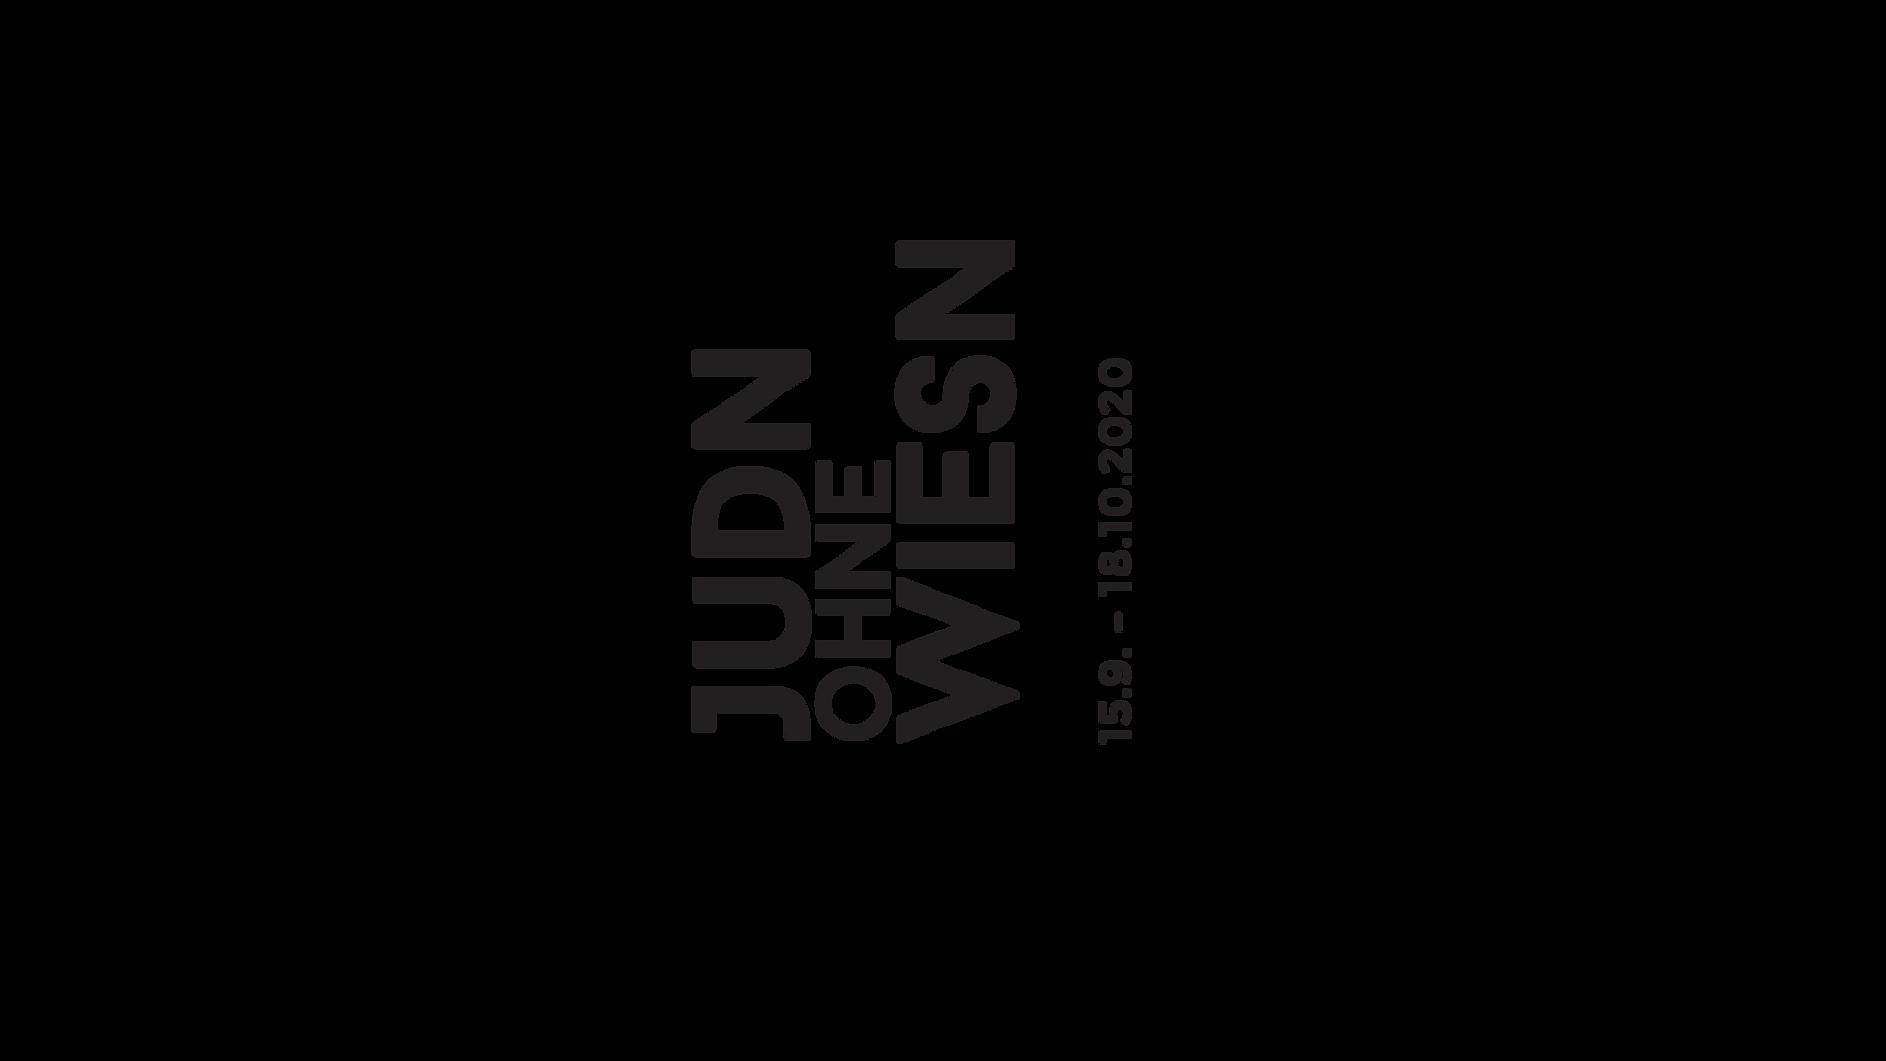 jüdischesMuseum_Logo.png